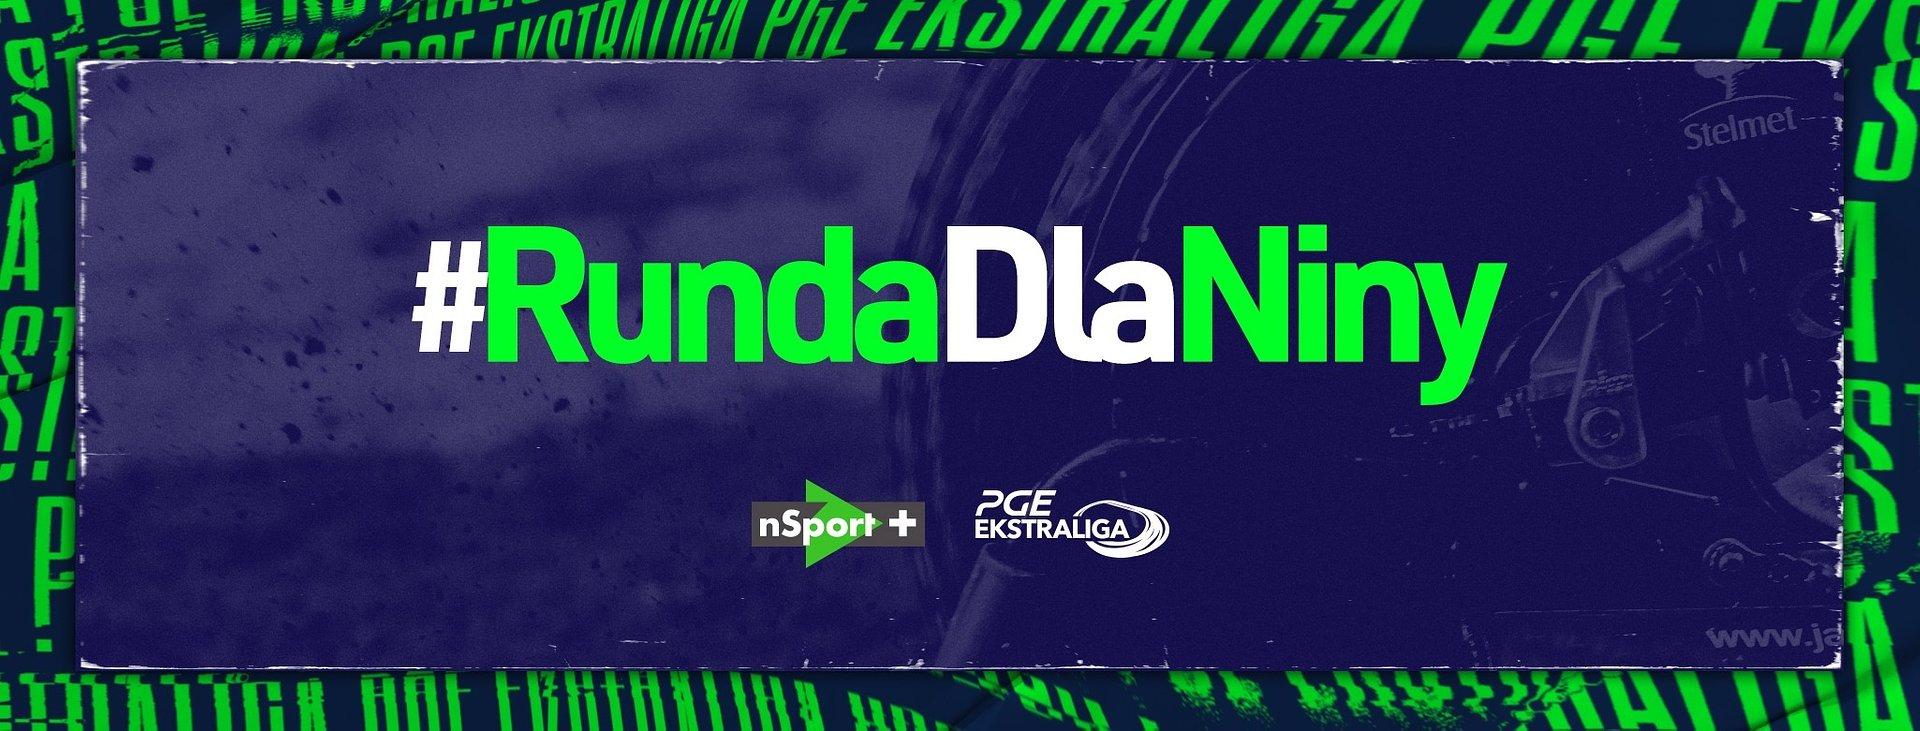 PGE Ekstraliga jedzie dla Niny – zapowiedź weekendu w CANAL+